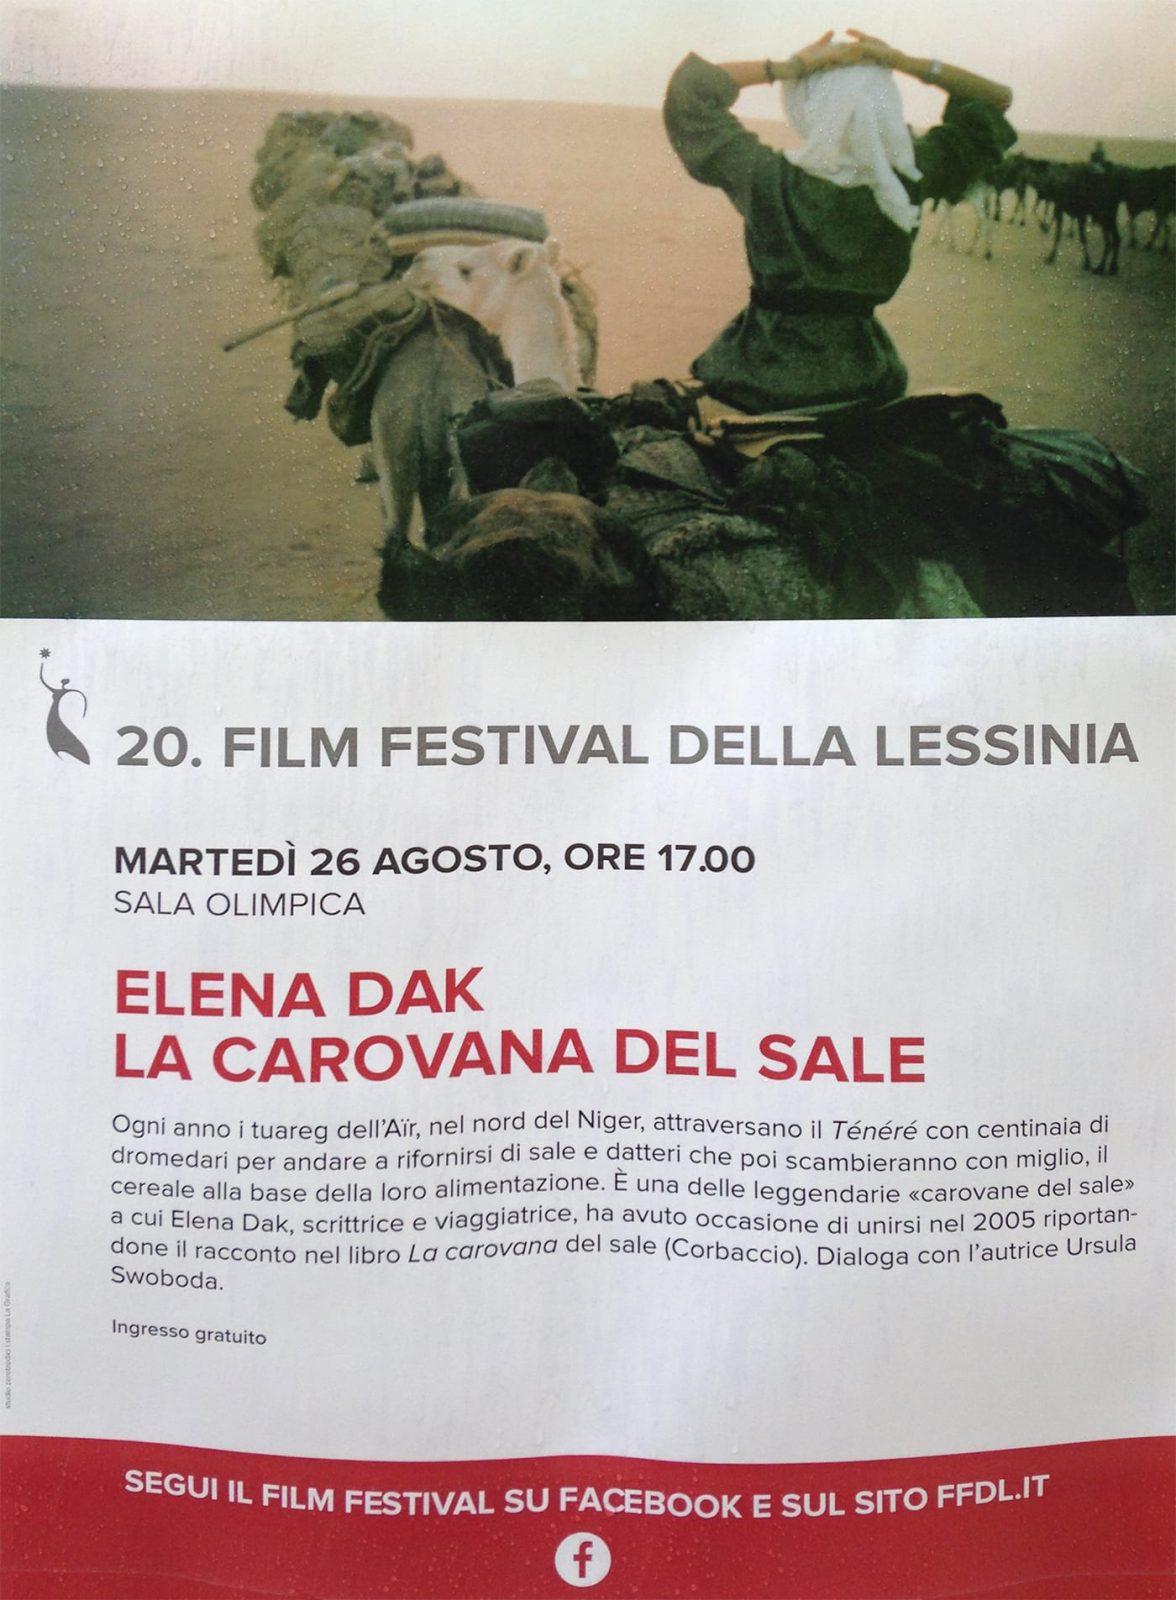 Locandina Film Festival Lessinia